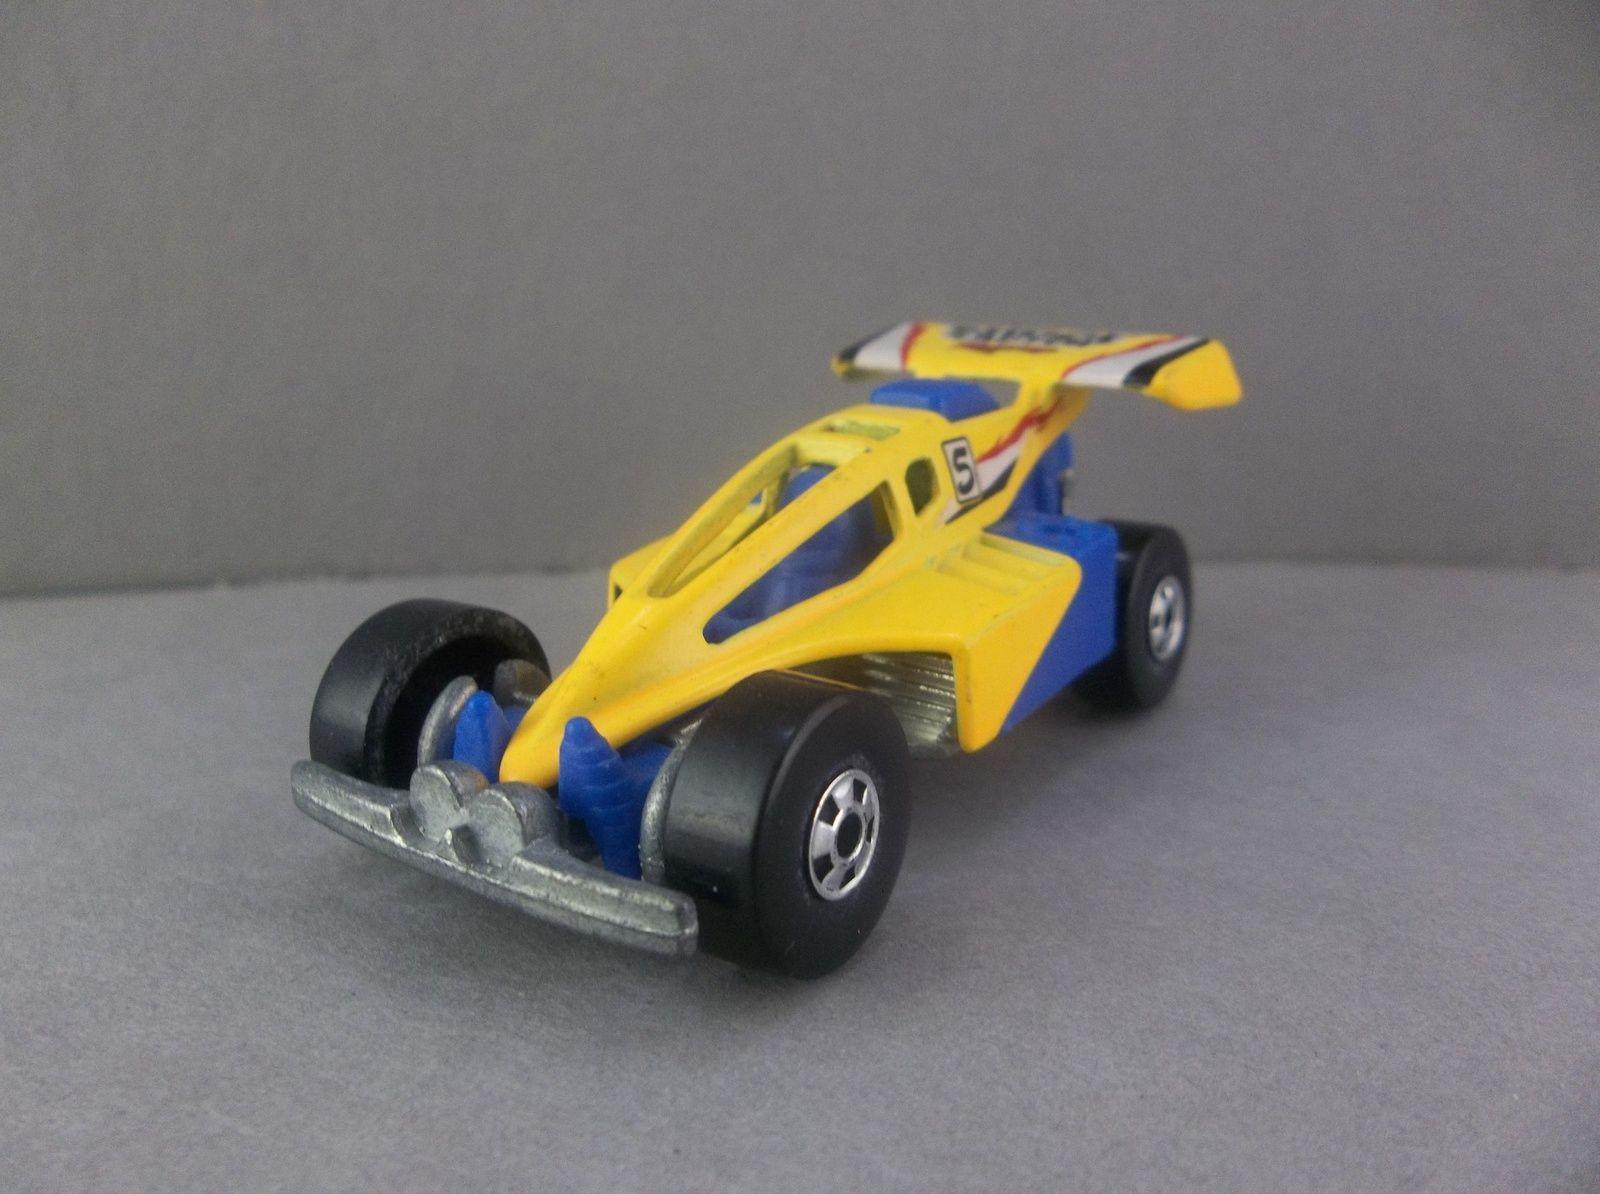 Hot Wheels 1991 Shock Factor Racing Yellow Blue Racecar Hotwheels Shockfactor Racecar Yellow Blue Diecast Bonanza Hot Wheels Race Cars Yellow